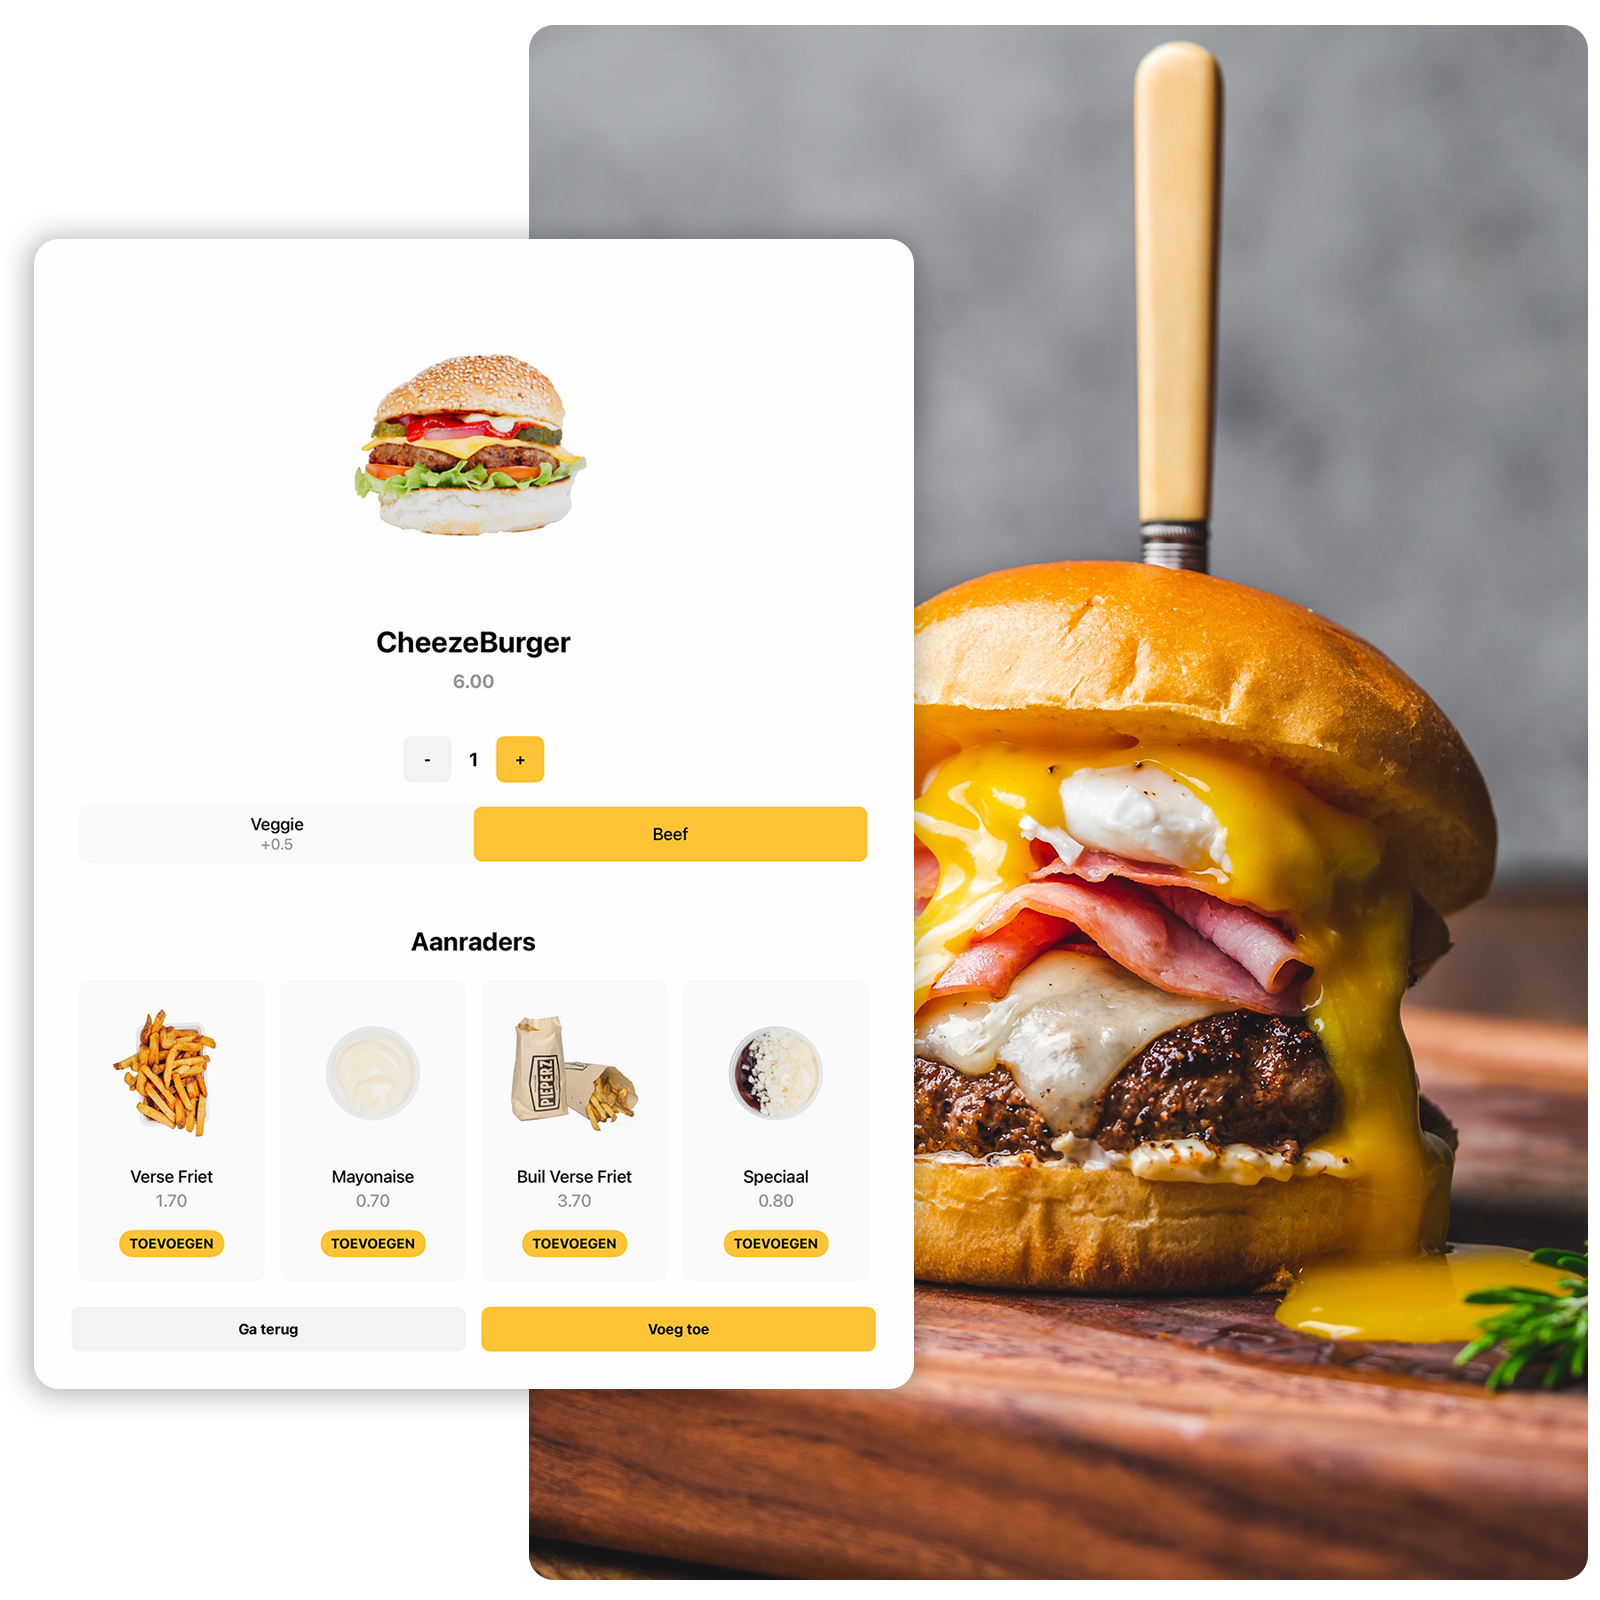 Dit is een afbeelding van het menu van de Onesix Kiosk, waarbij een hamburger te zien is die is besteld bij een van onze klanten, Kwalitaria.